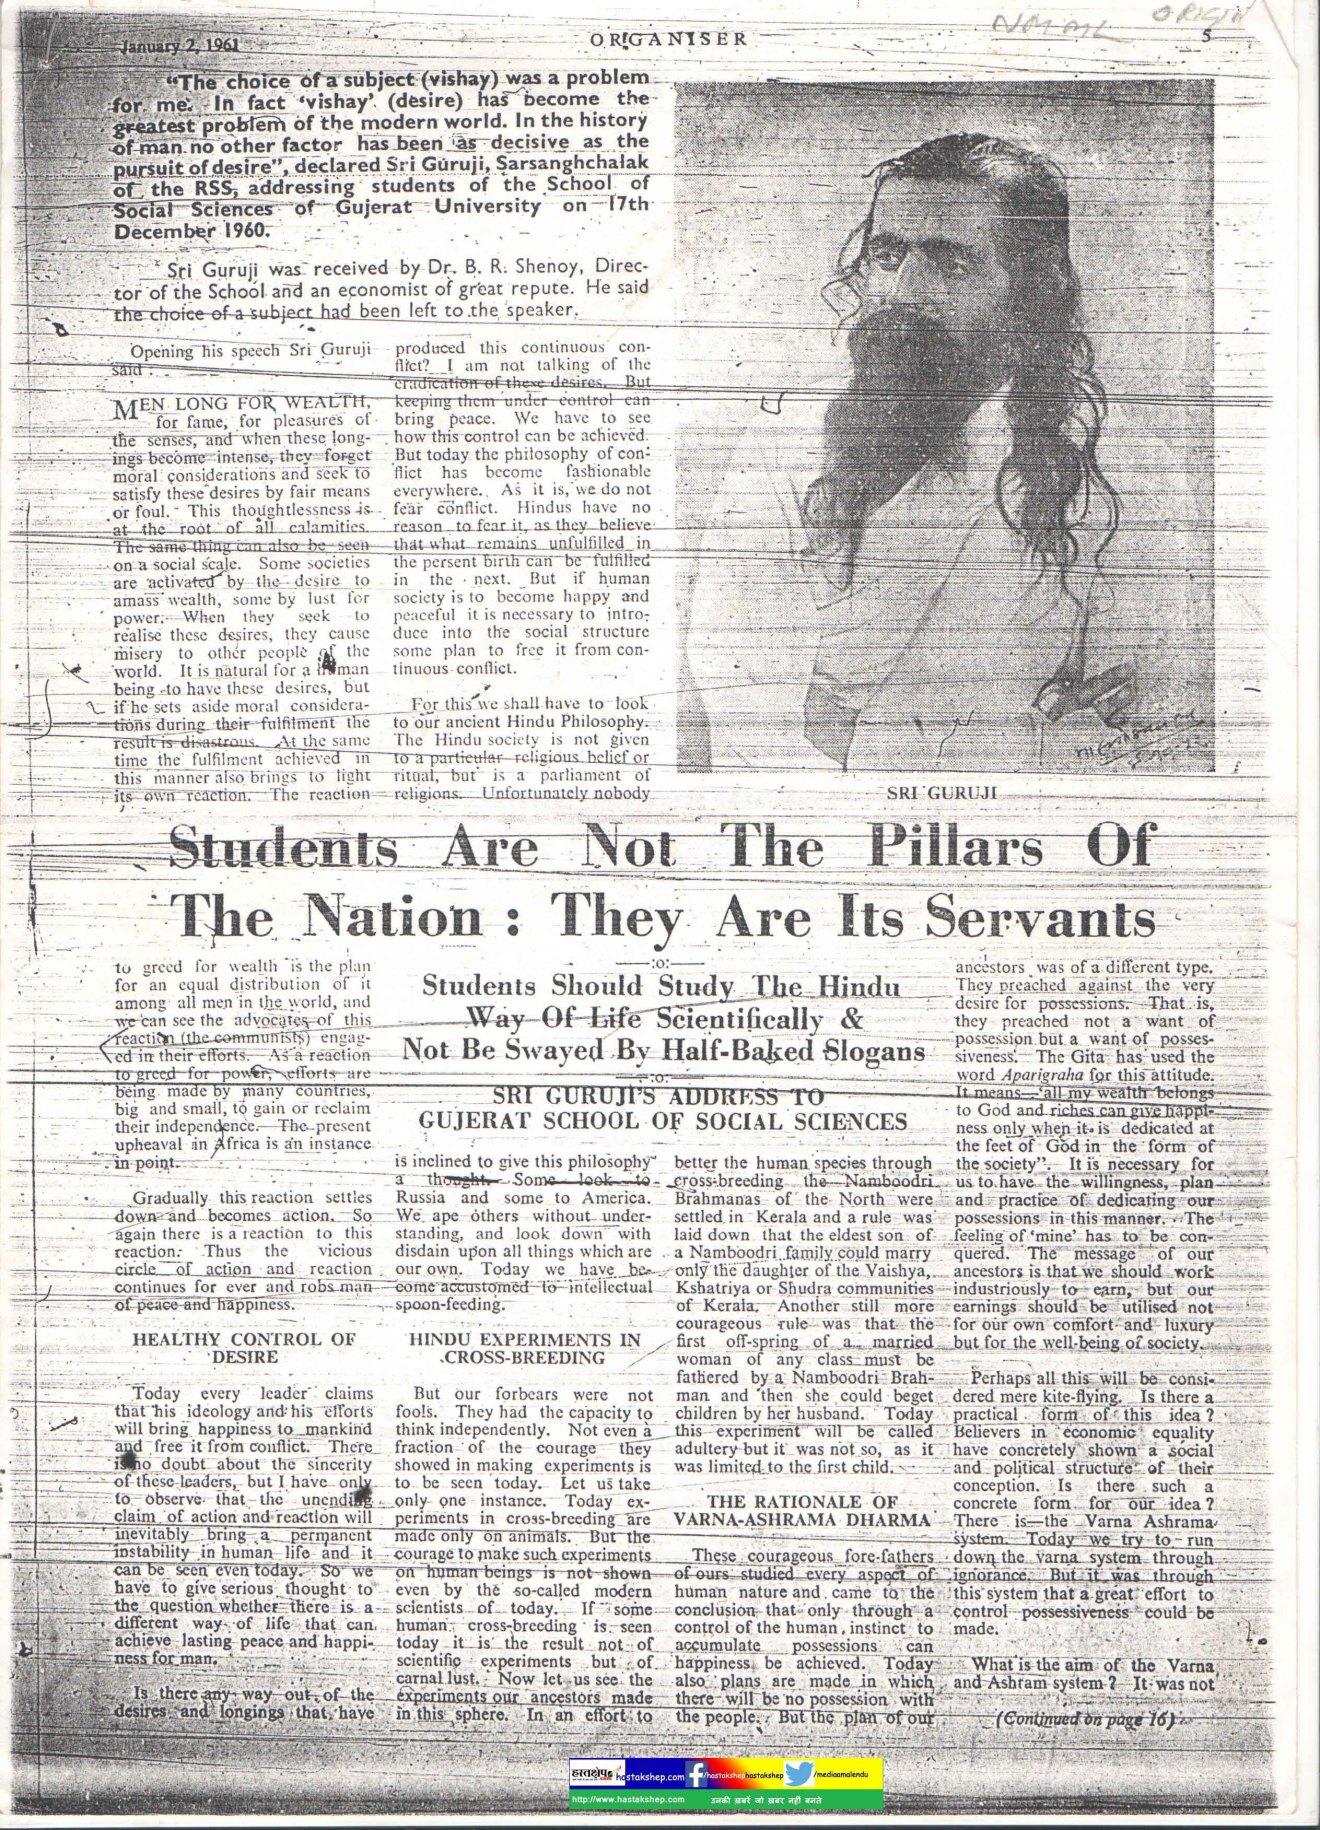 Golwalkar-on-Crossbreeding-in-Kerala-Organizer-02-01-1961-p-1-copy